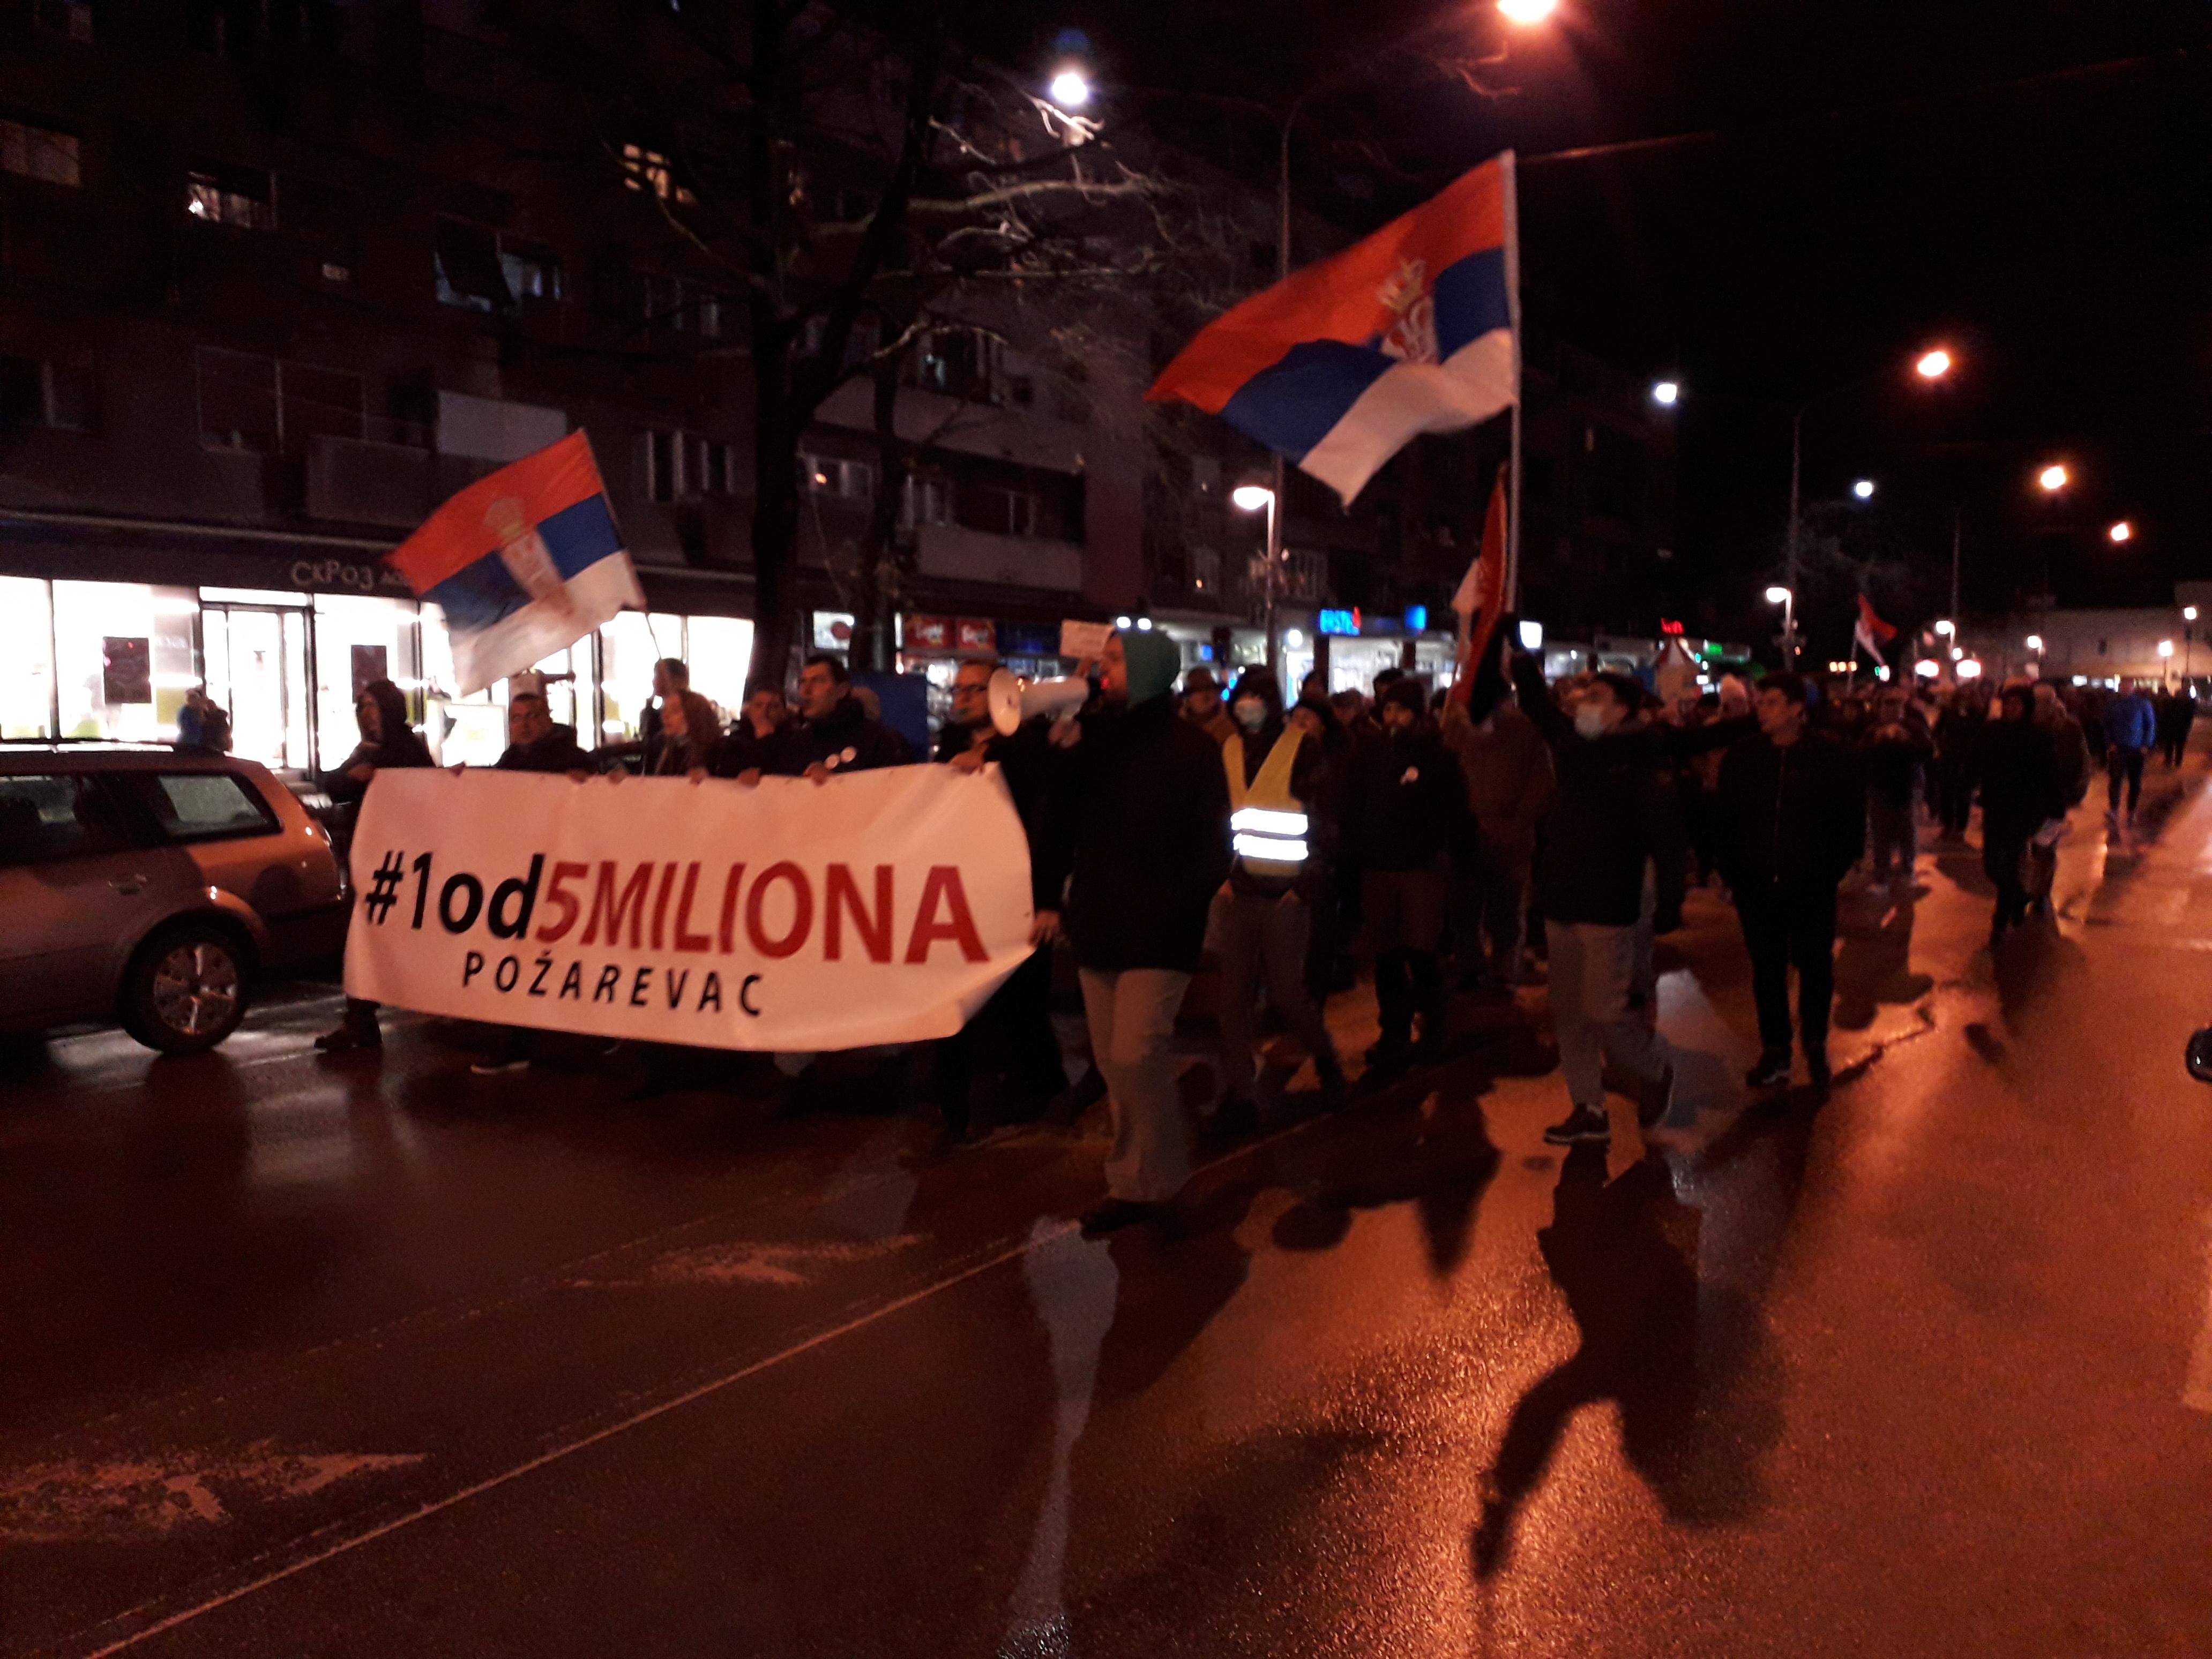 Protesti 1 od 5 miliona u više gradova (VIDEO, FOTO) 4